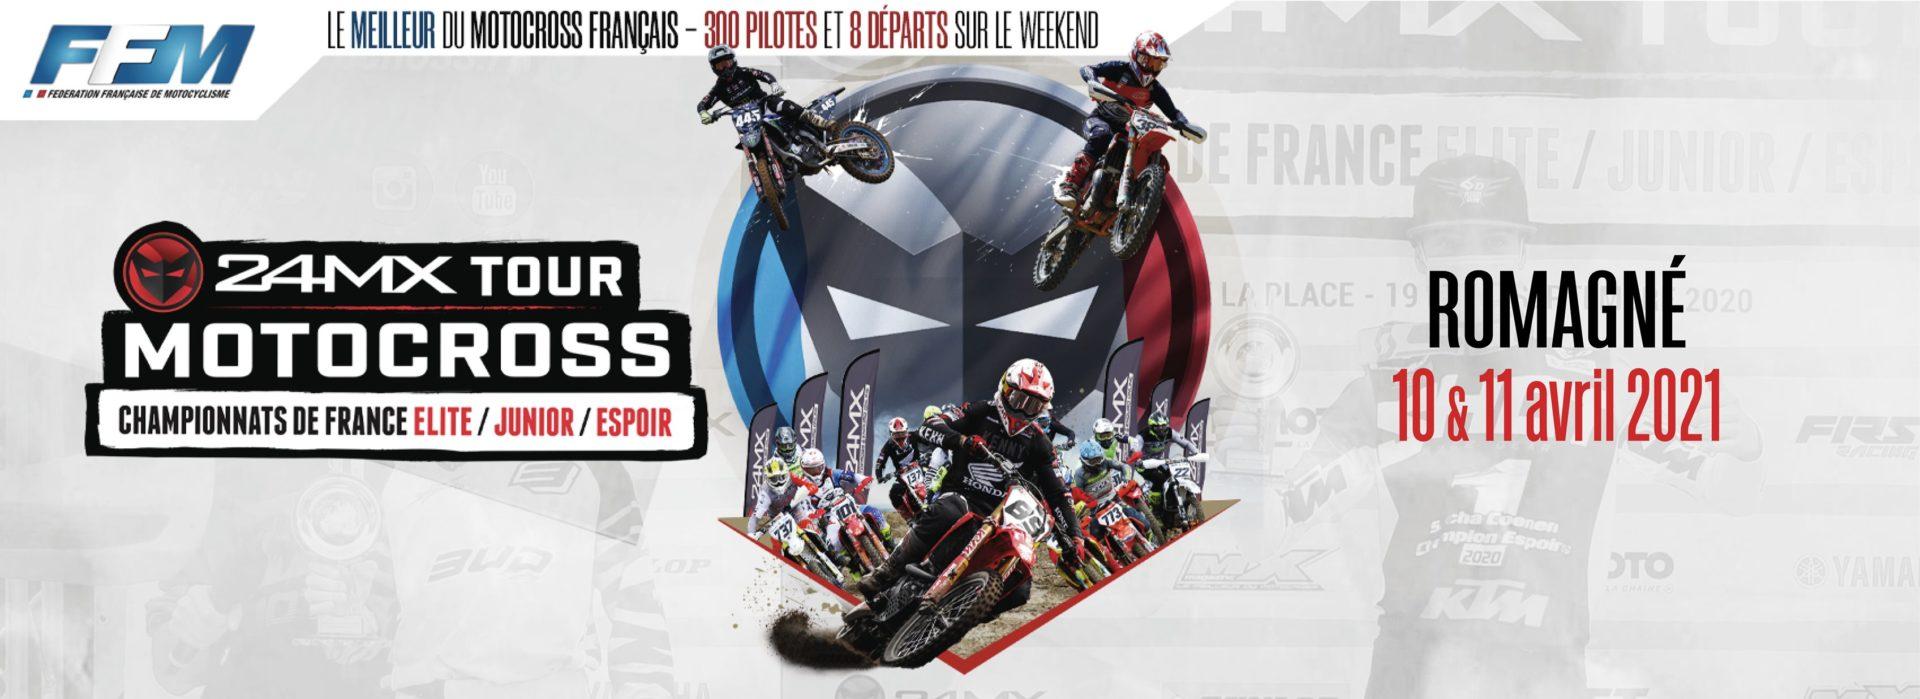 24mxtour 2021 romagne